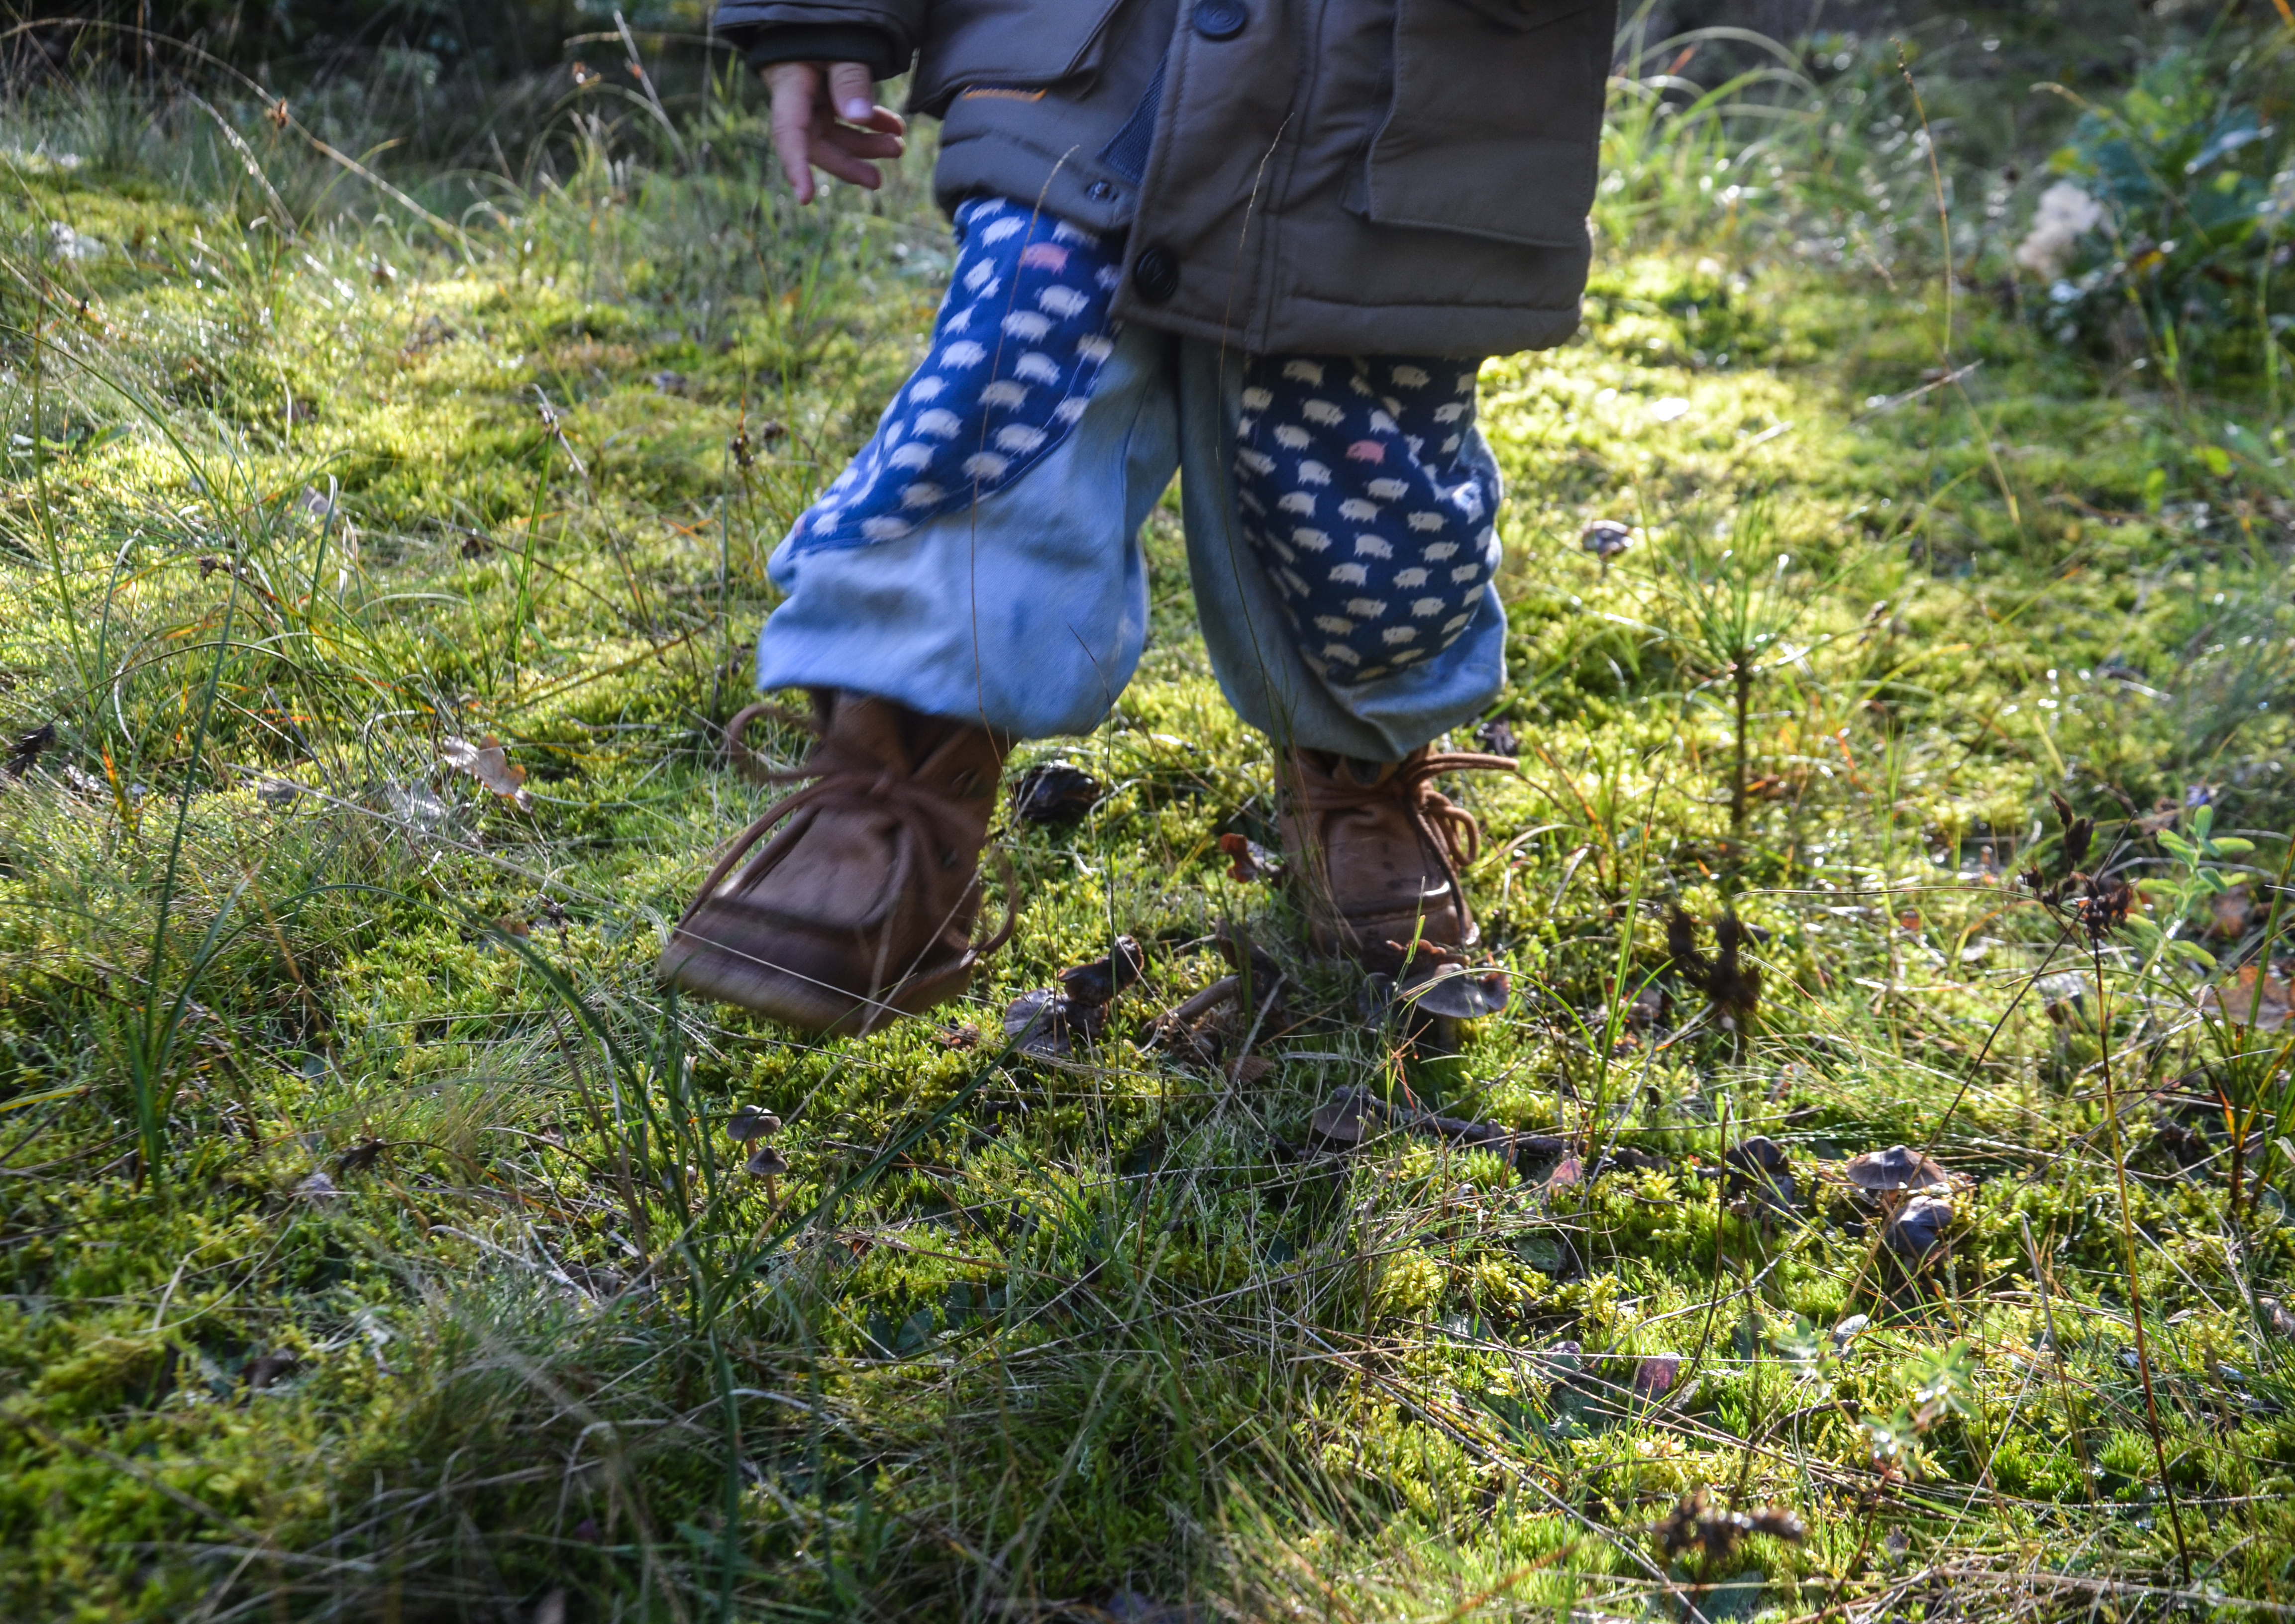 Bisgaard Schuhe,